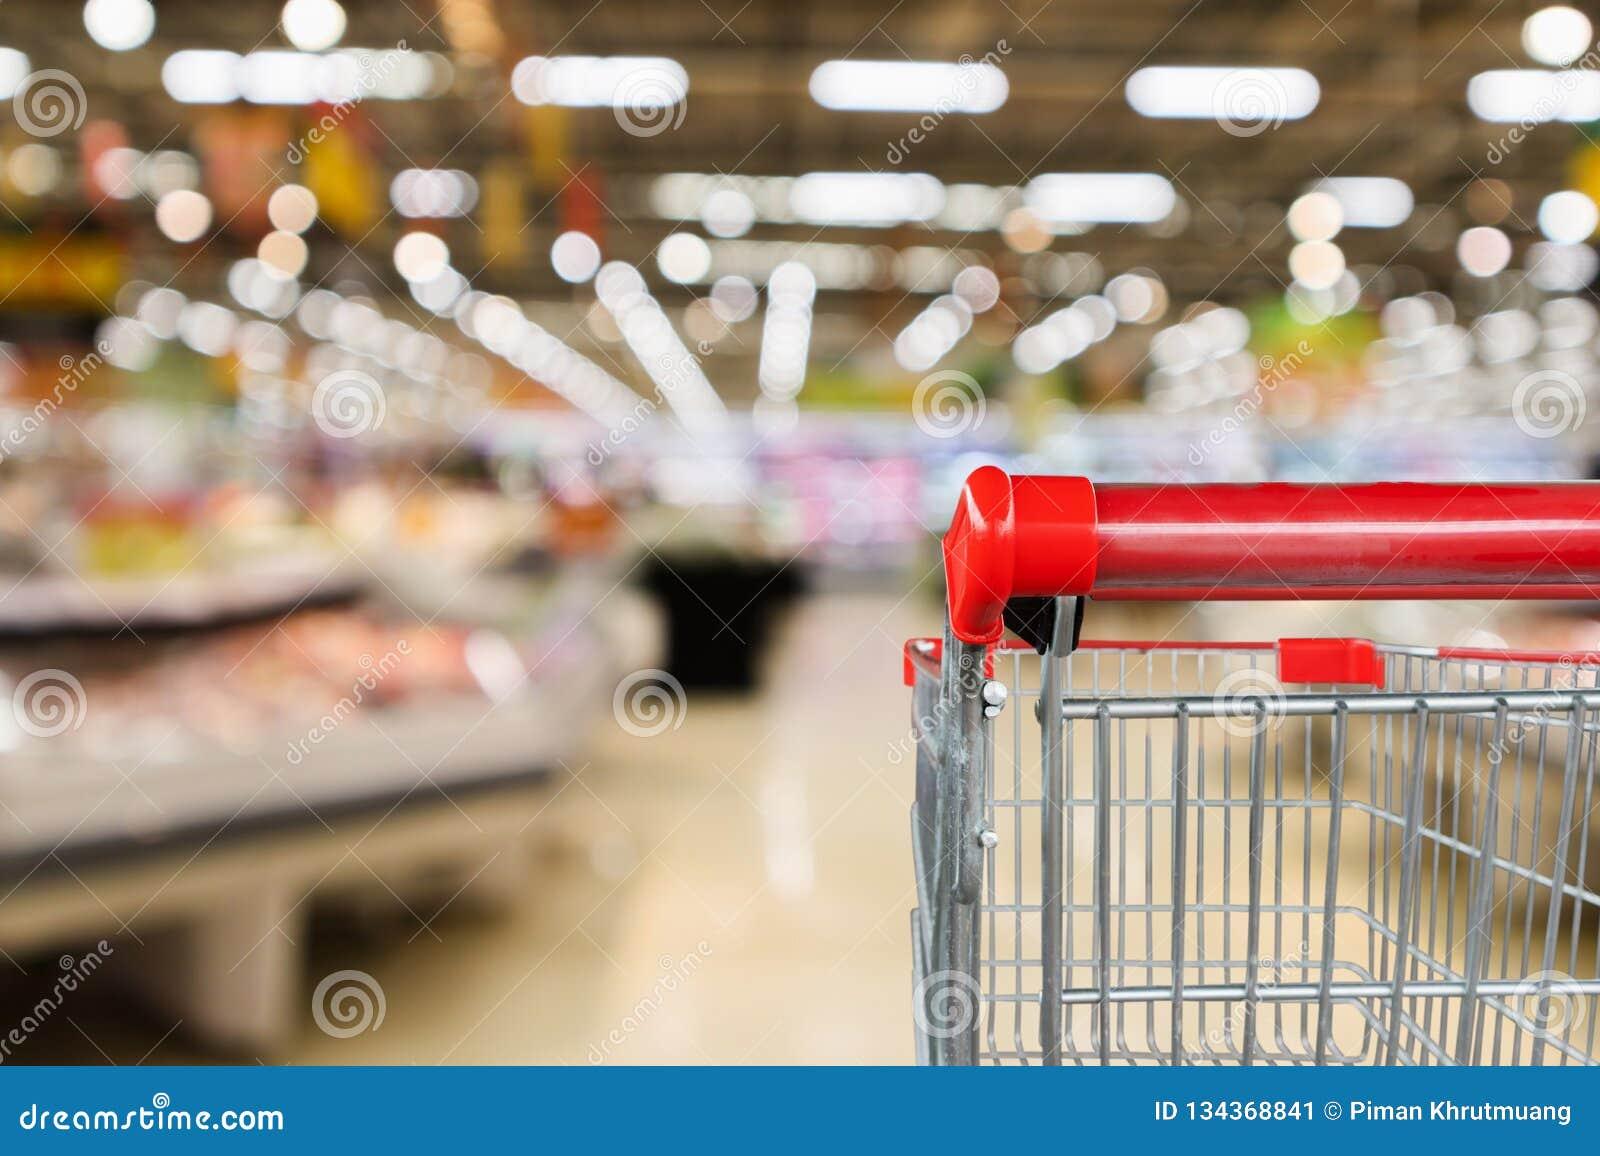 Colmado del supermercado con el fondo defocused interior de los estantes de la fruta y verdura con el carro de la compra vacío